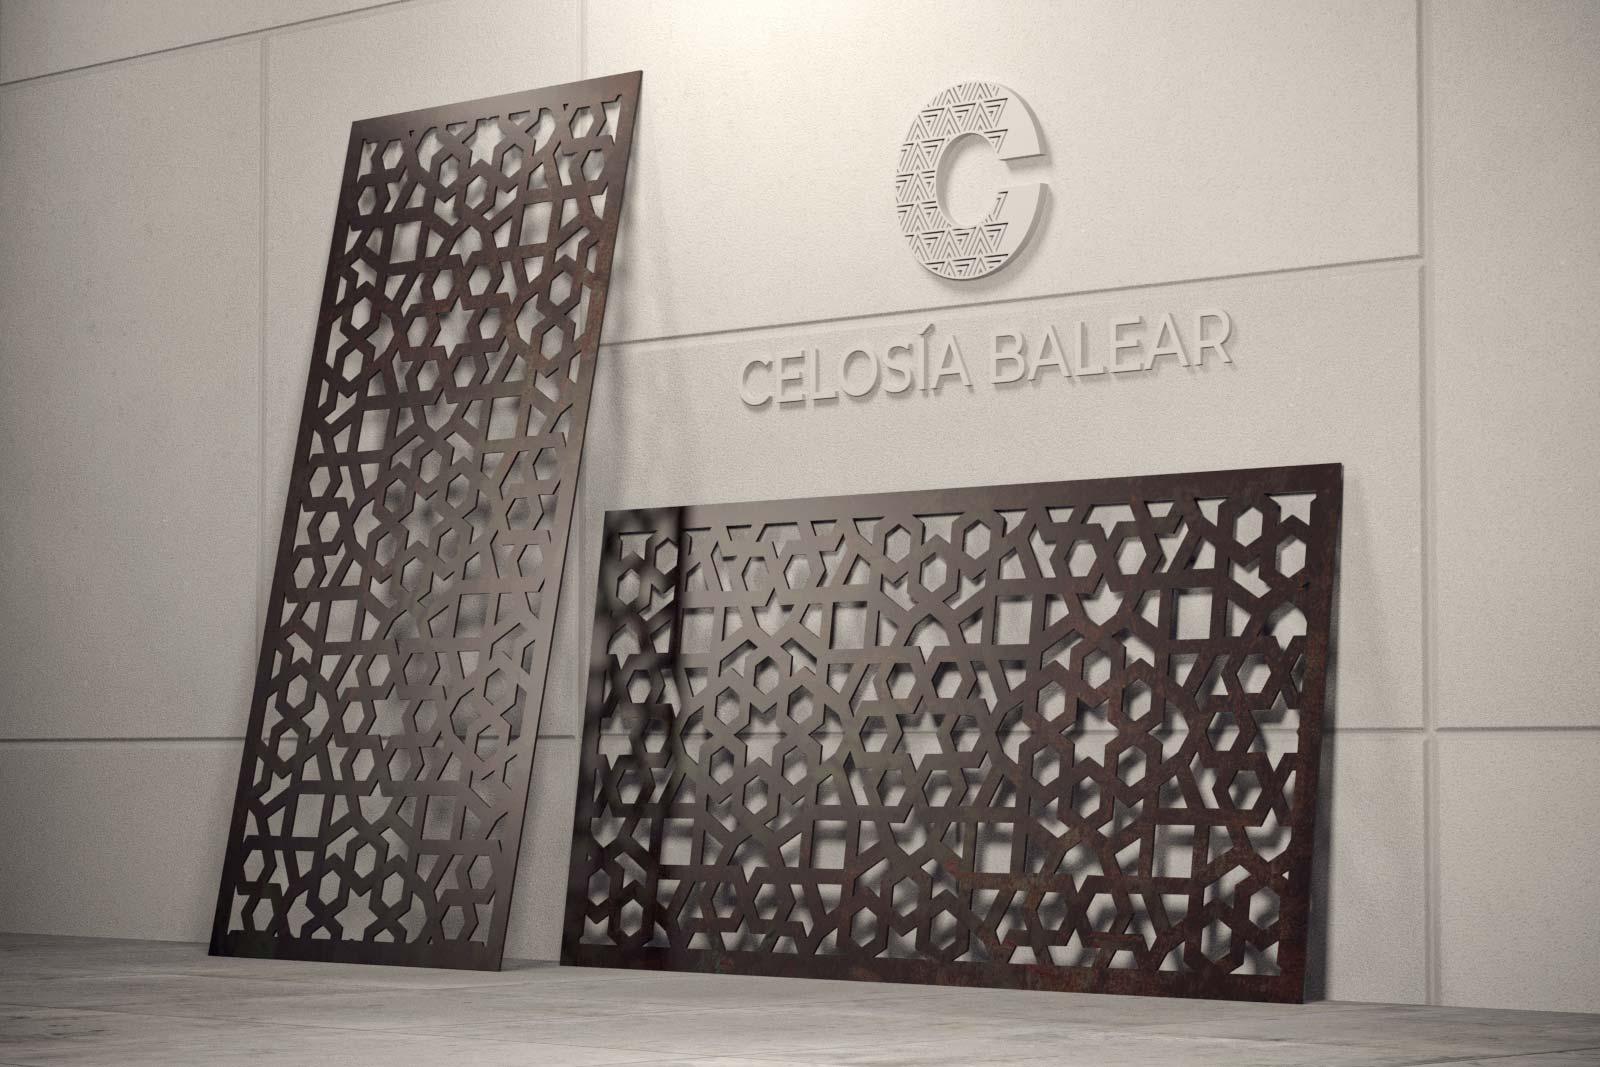 placa de celosía metálica con diseño arábico